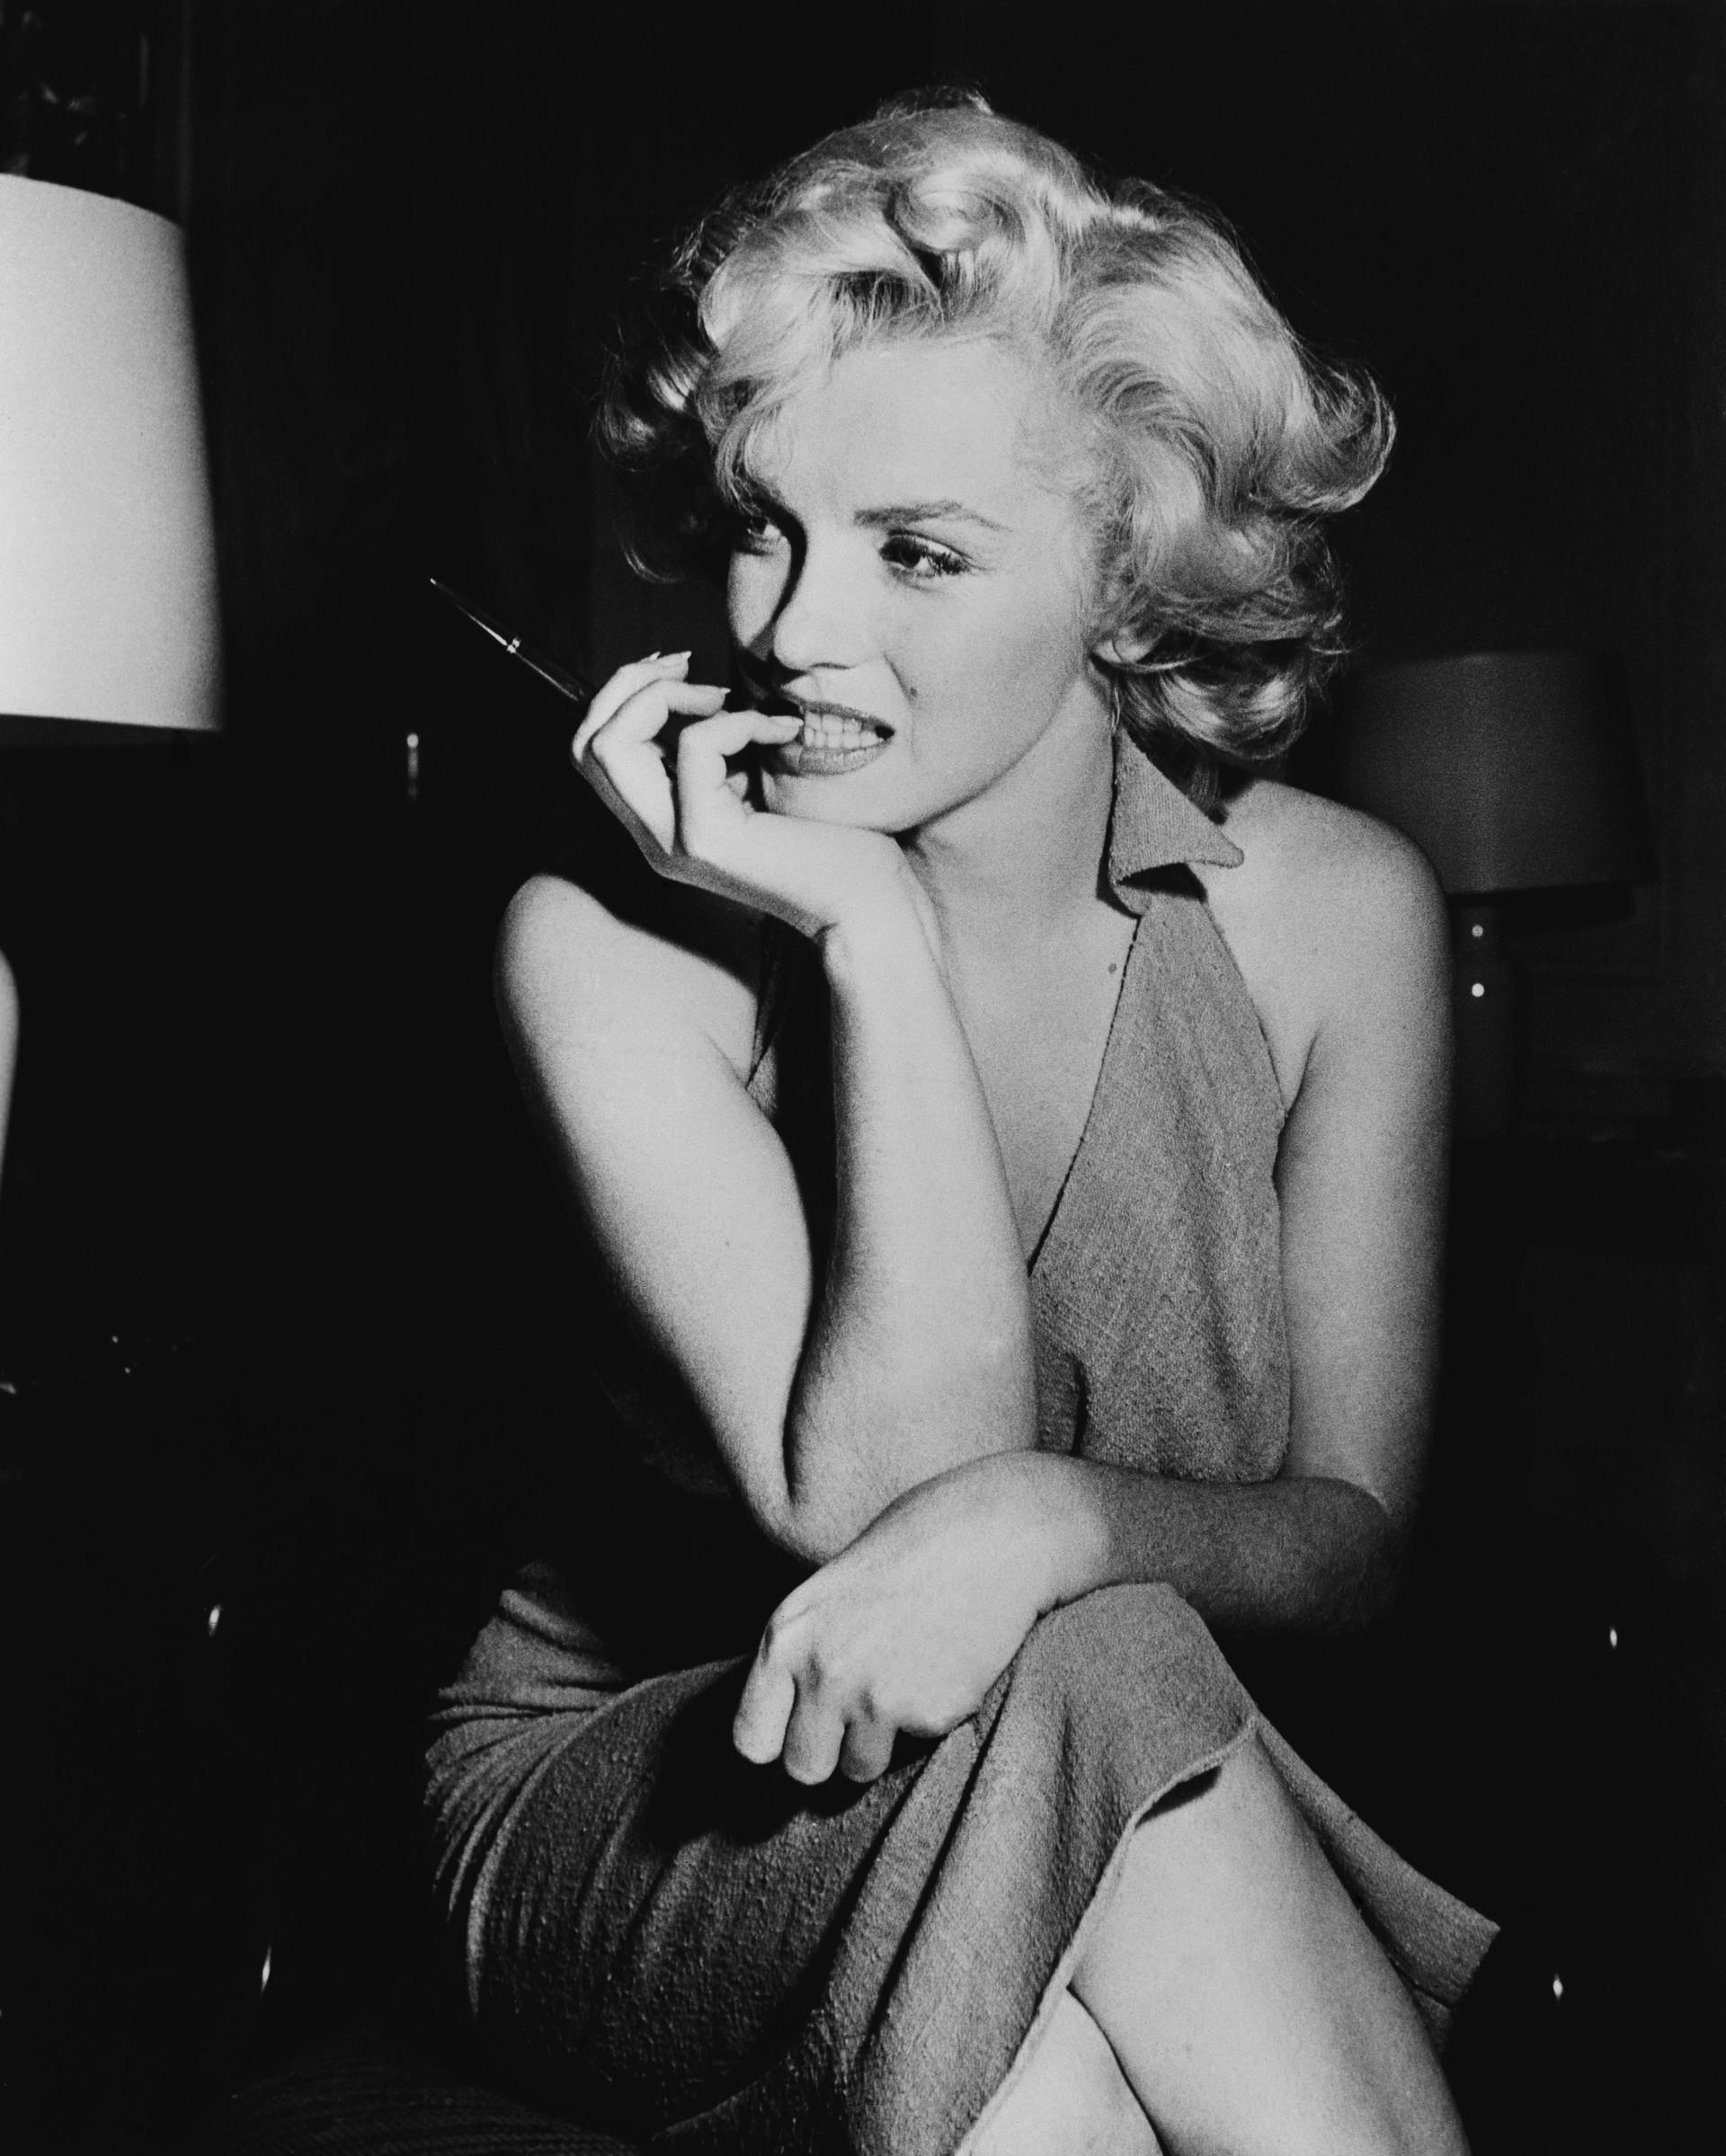 """No dia em que Marilyn foi descoberta deitada nua de cabeça para baixo em seu quarto, segurando o receptor do telefone, o jornal The Los Angeles Times a descreveu como """"beleza perturbada que não conseguiu encontrar a felicidade mesmo sendo a mais brilhante estrela de Hollywood"""". A misteriosa morte aparentou ser suicídio, mas logo teorias começaram a especular que algo de sinistro havia ocorrido: de uma overdose acidental, a morte da sex symbol ganhou ares de conspiração do assassinato do Presidente Kennedy e de seu advogado-irmão, Bobby. Por toda a casa também foram encontradas escutas telefônicas. A ideia de queima de arquivo pode ser reforçada, pois Marilyn daria uma entrevista dali a alguns dias, afirmando que revelaria segredos que interessariam a toda nação. (Foto: Getty Images)"""